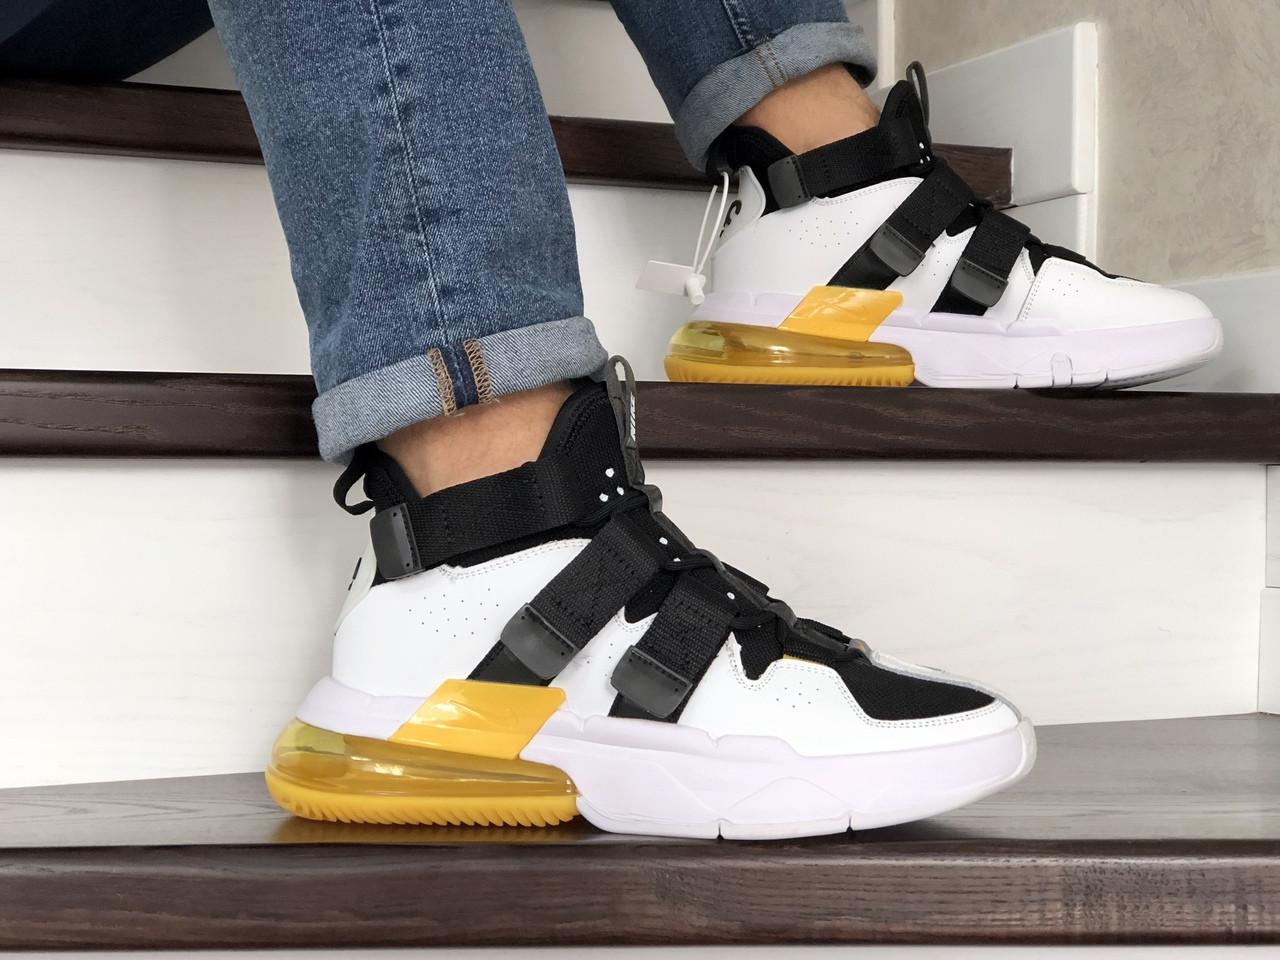 Модные мужские кроссовки (в стиле) Nike Air Force 270, белые с черным